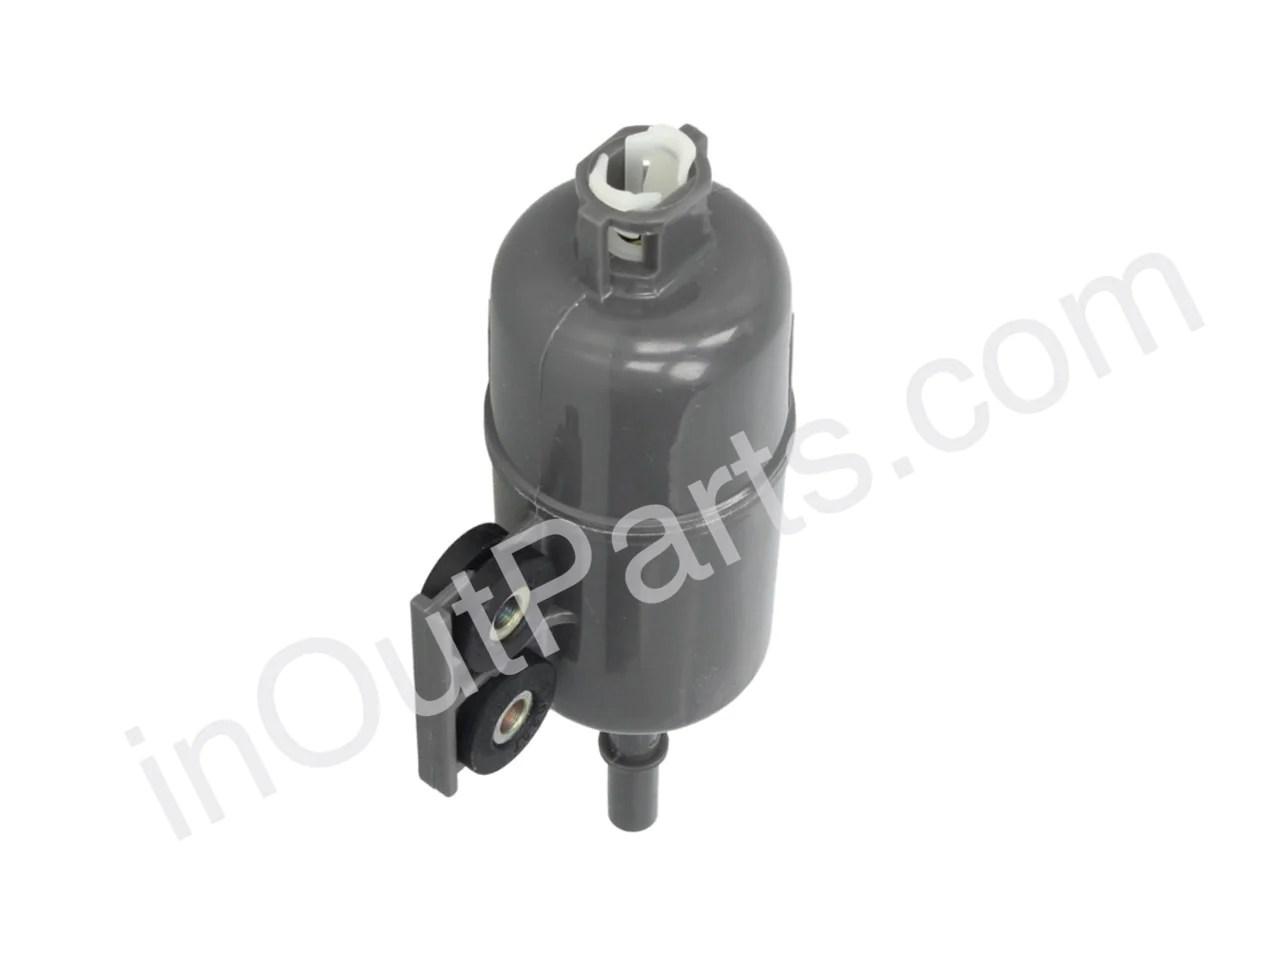 fuel filter fits honda accord cf 1 6 cg2 ch7 cl2 1997 1998 [ 1280 x 960 Pixel ]